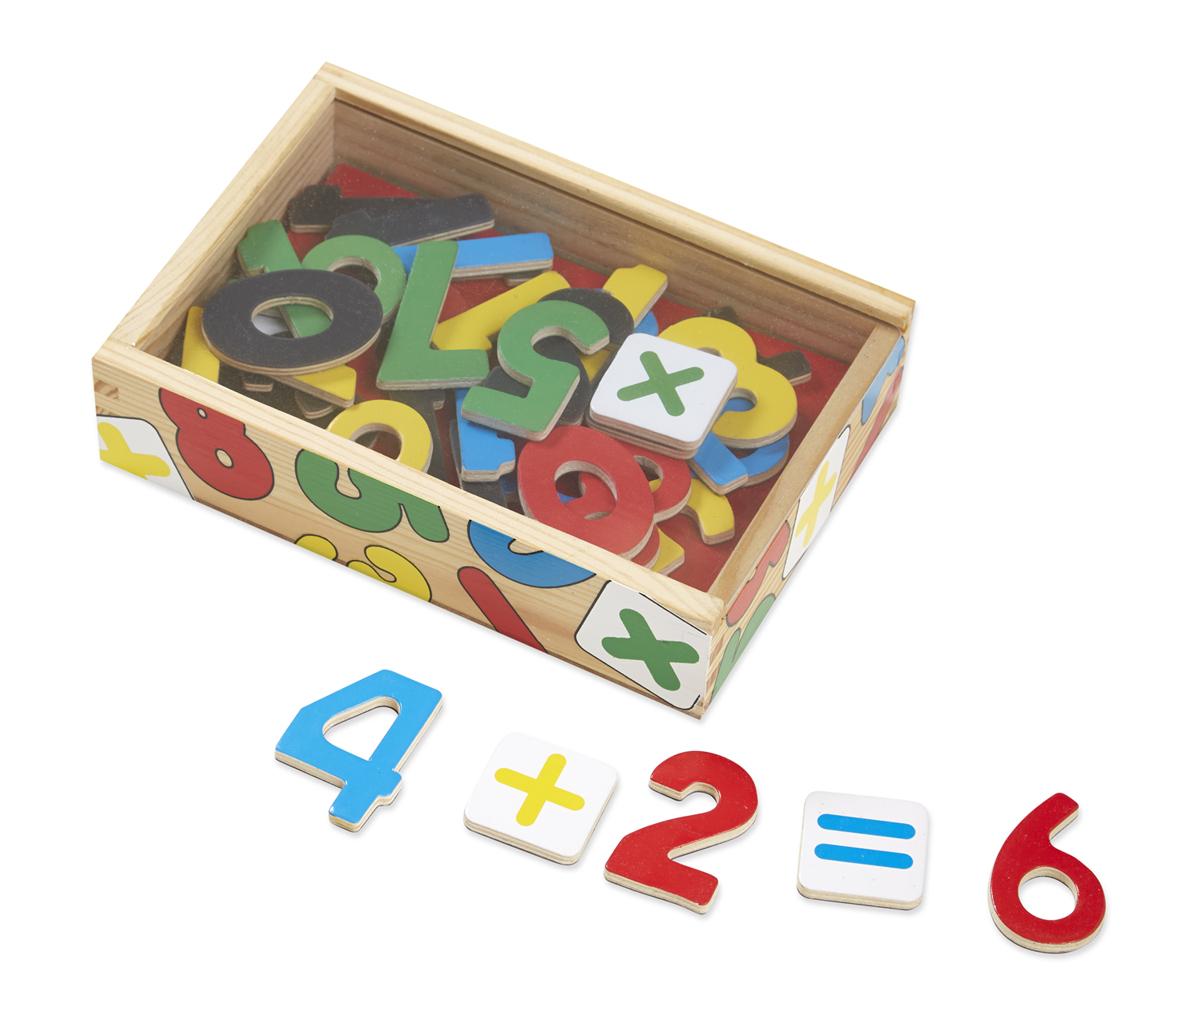 Набор из серии Магнитные игры – Цифры, 37 шт. - Аксессуары, артикул: 139970